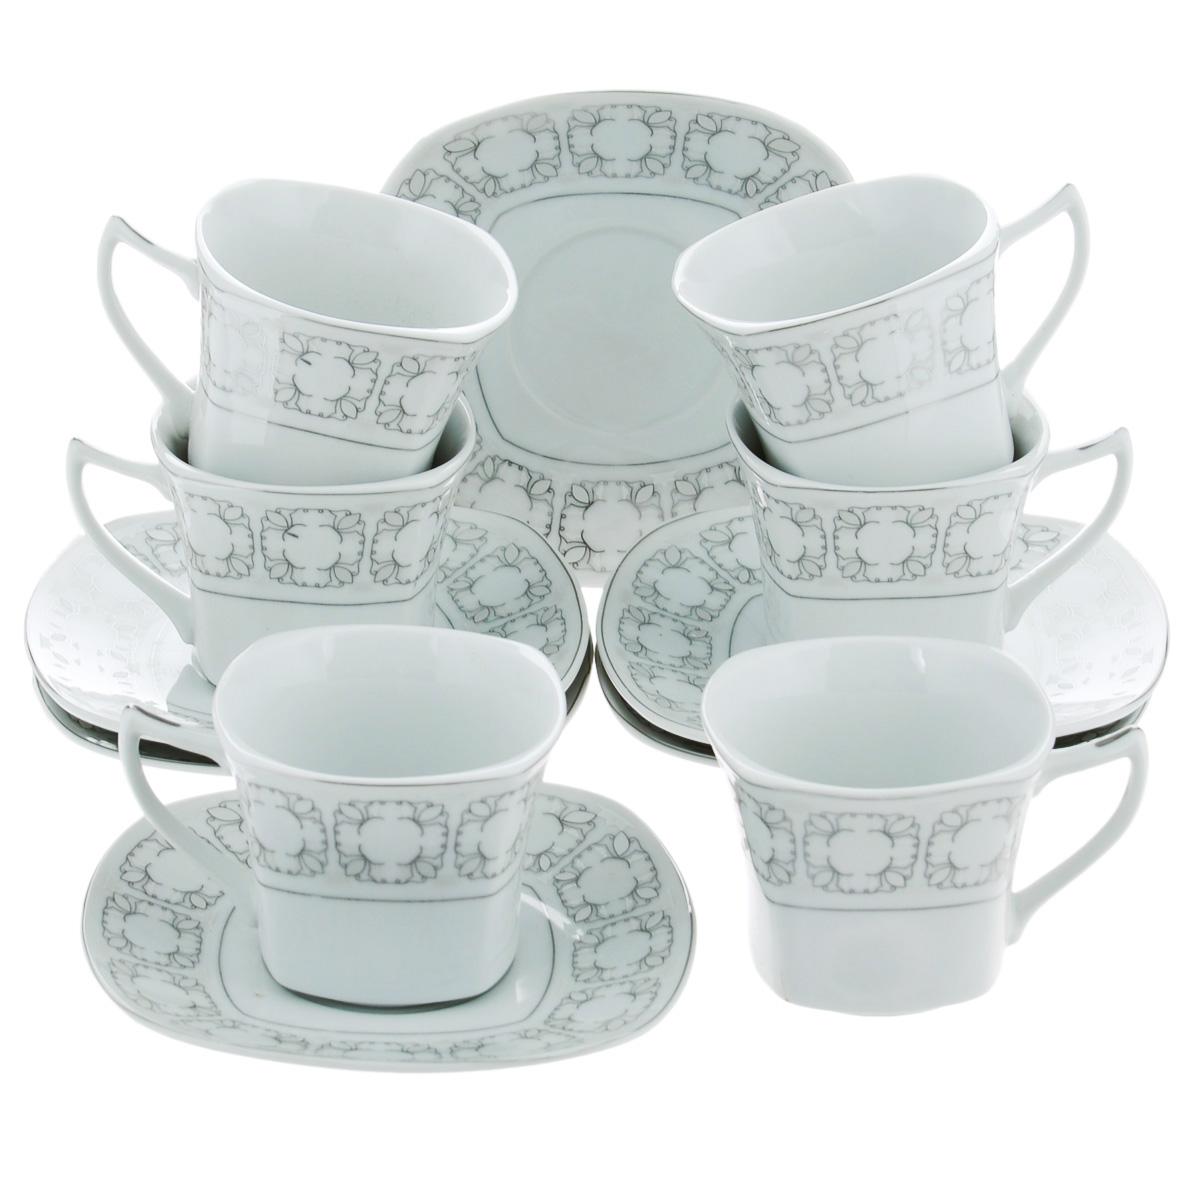 Набор чайный Bekker, 12 предметов. BK-5986BK-5986Чайный набор Bekker состоит из шести чашек и шести блюдец. Предметы набора изготовлены из высококачественного фарфора белого цвета и украшены серебристой эмалью. Изящный орнамент придает набору стильный внешний вид. Чайный набор роскошного дизайна украсит интерьер кухни. Прекрасно подойдет как для торжественных случаев, так и для ежедневного использования.Набор упакован в подарочную картонную коробку серебристого цвета. Подходит для мытья в посудомоечной машине. Объем чашки: 150 мл. Размер чашки (по верхнему краю): 8 см х 8 см. Высота чашки: 6,5 см. Размер блюдца: 14 см х 14 см.